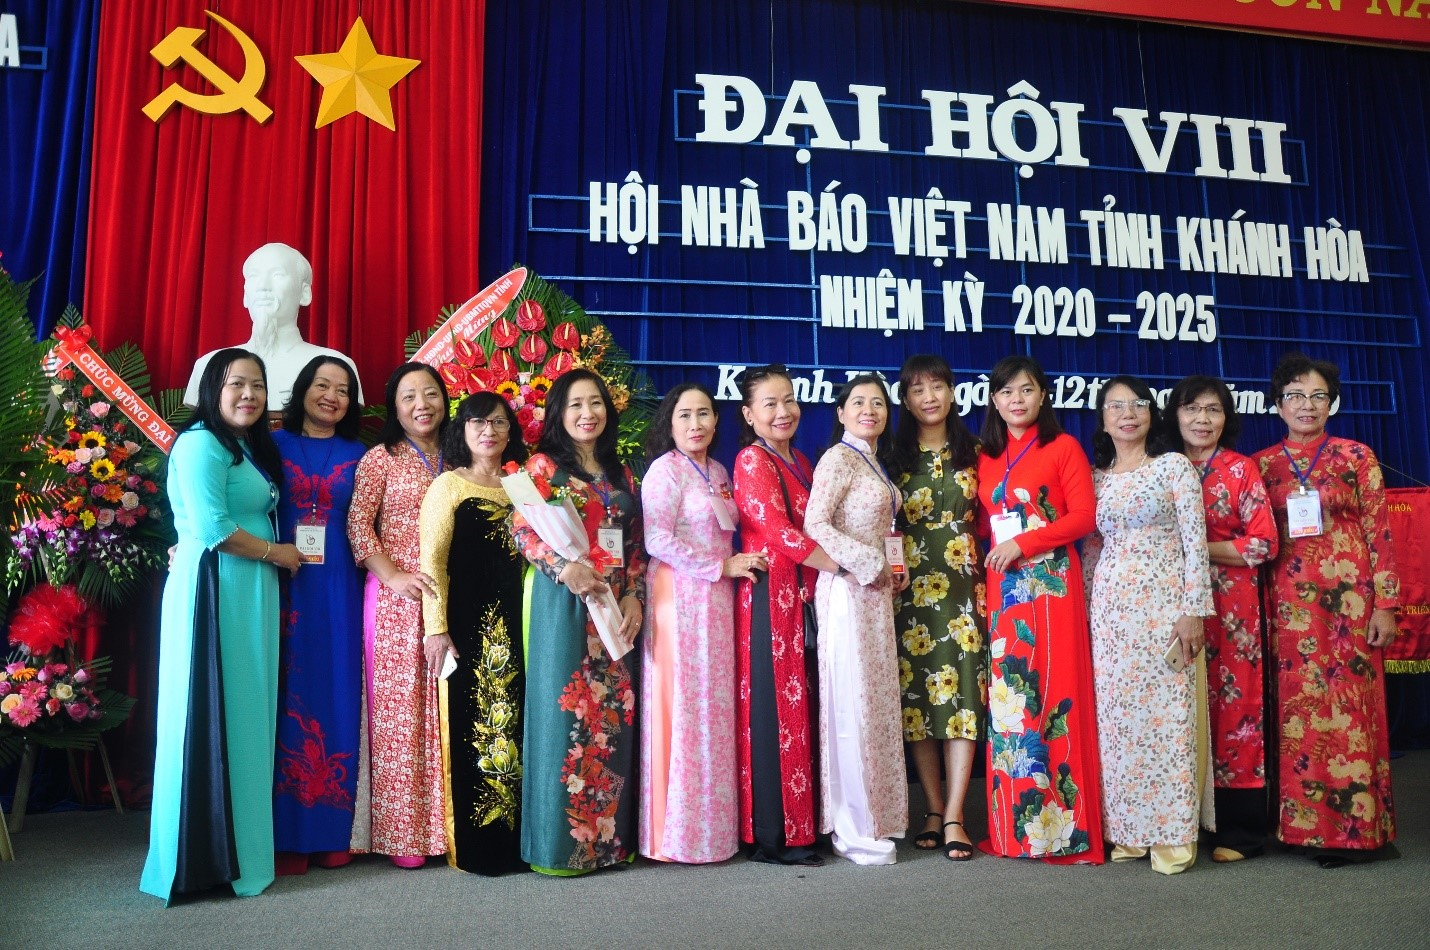 Các nhà báo Nữ dự Đại hội Hội Nhà Báo Việt Nam tỉnh Khánh Hòa